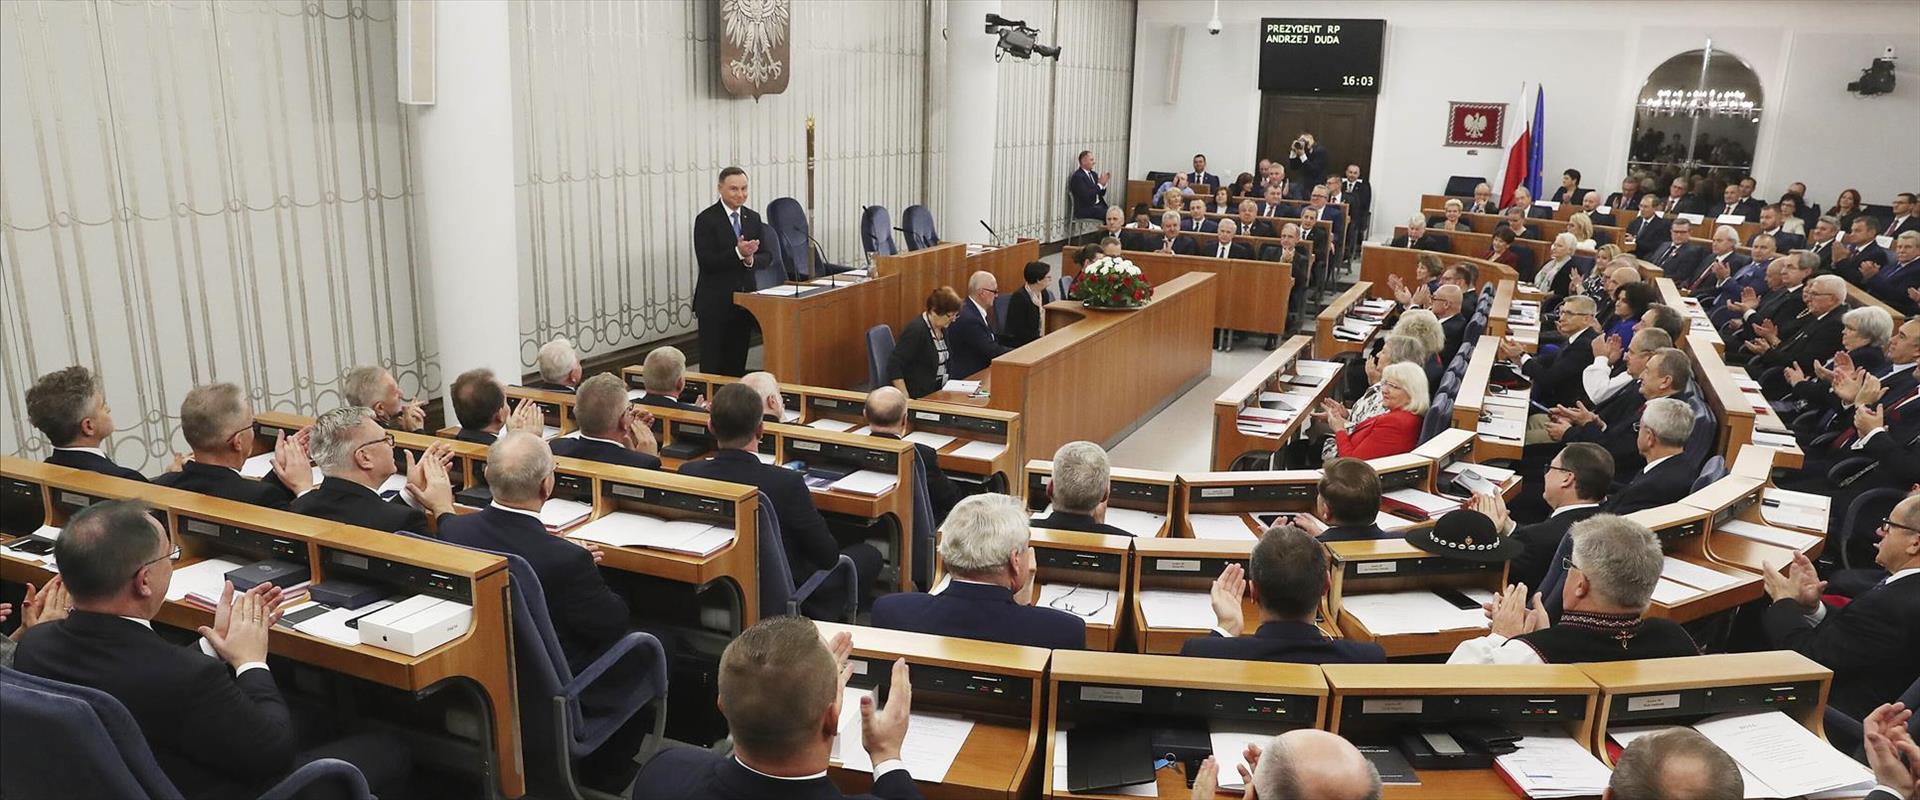 הסנאט בפולין